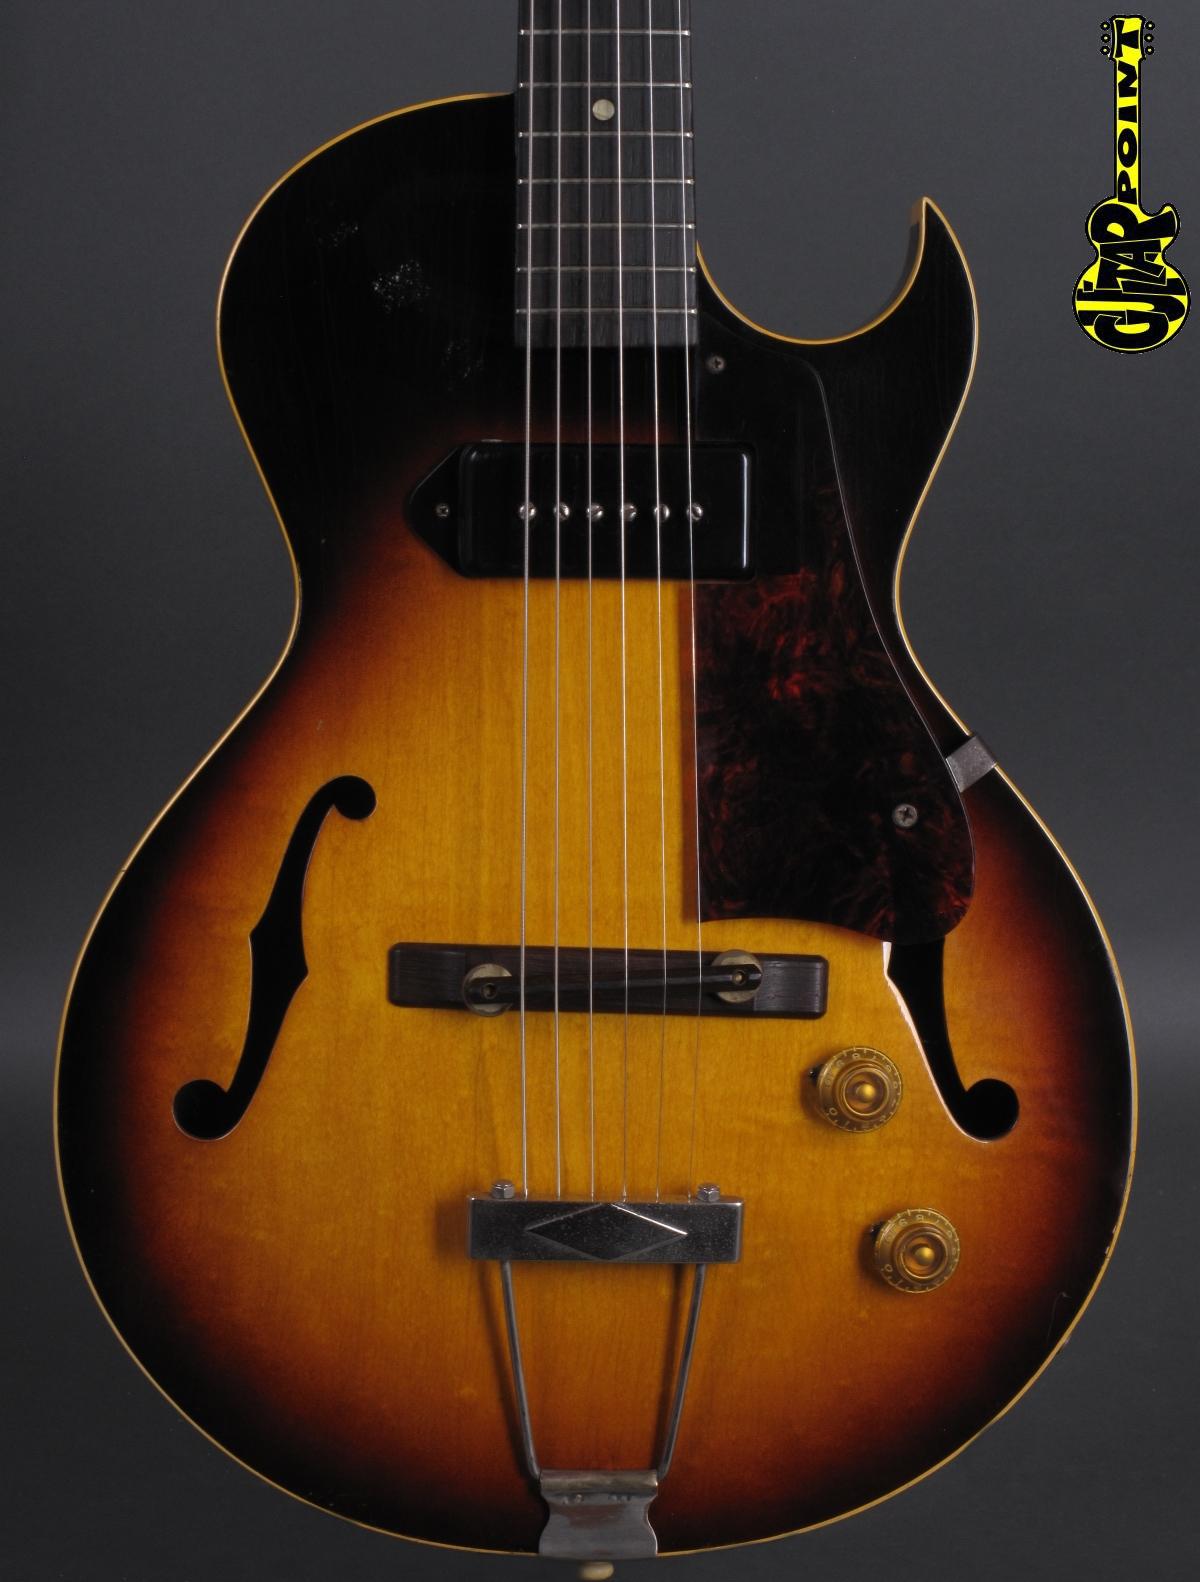 1957 Gibson ES 140 T - Sunburst  - incl. orig. Alligator case